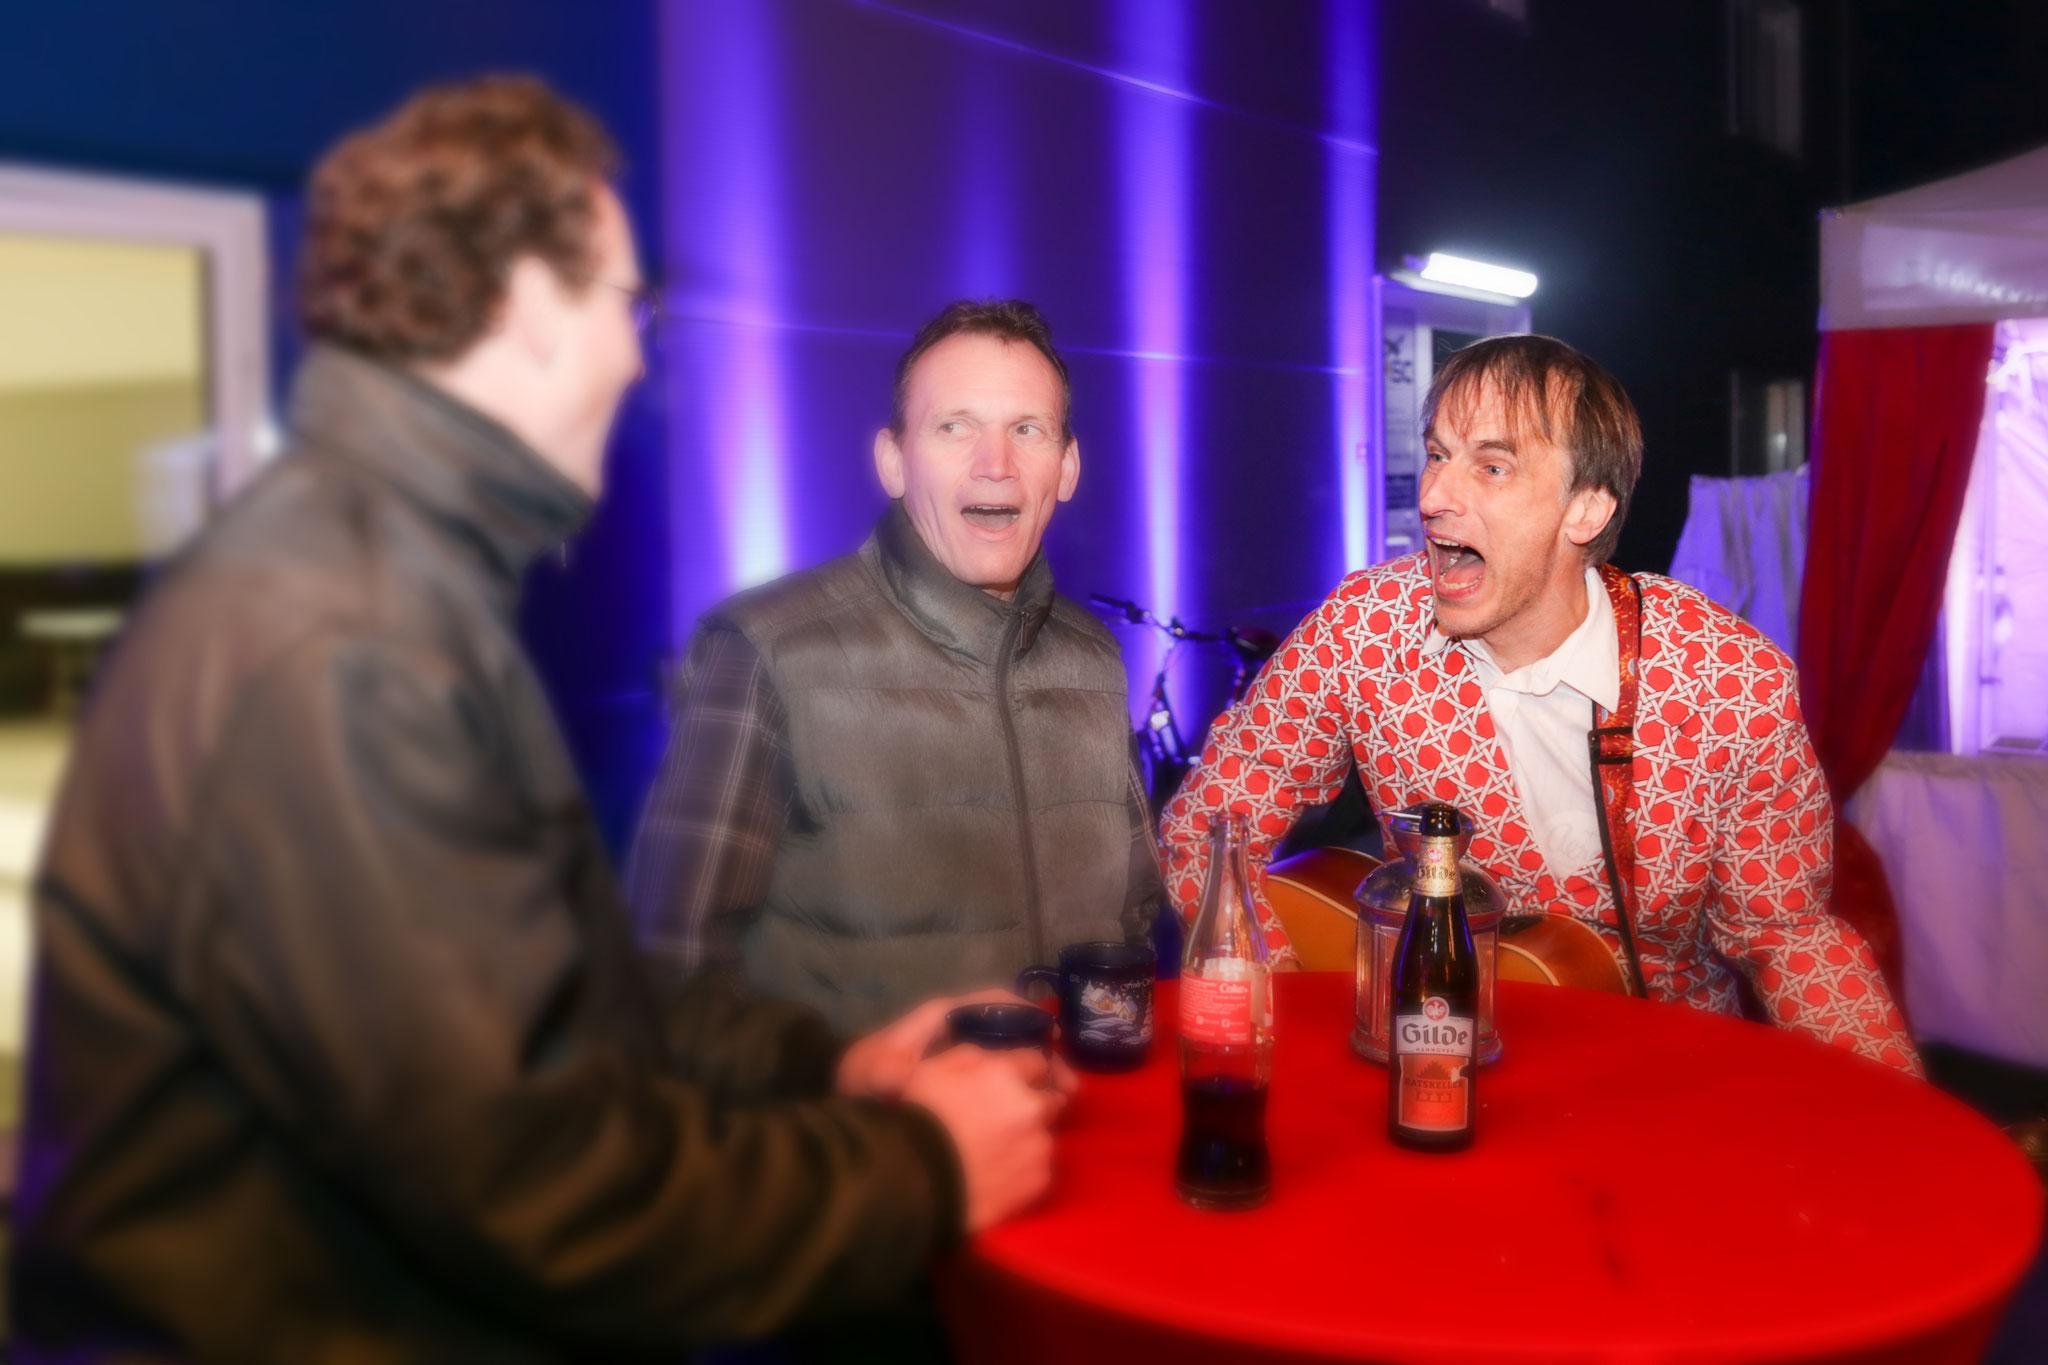 Musiker mit Gästen am Tisch, die Spaß haben